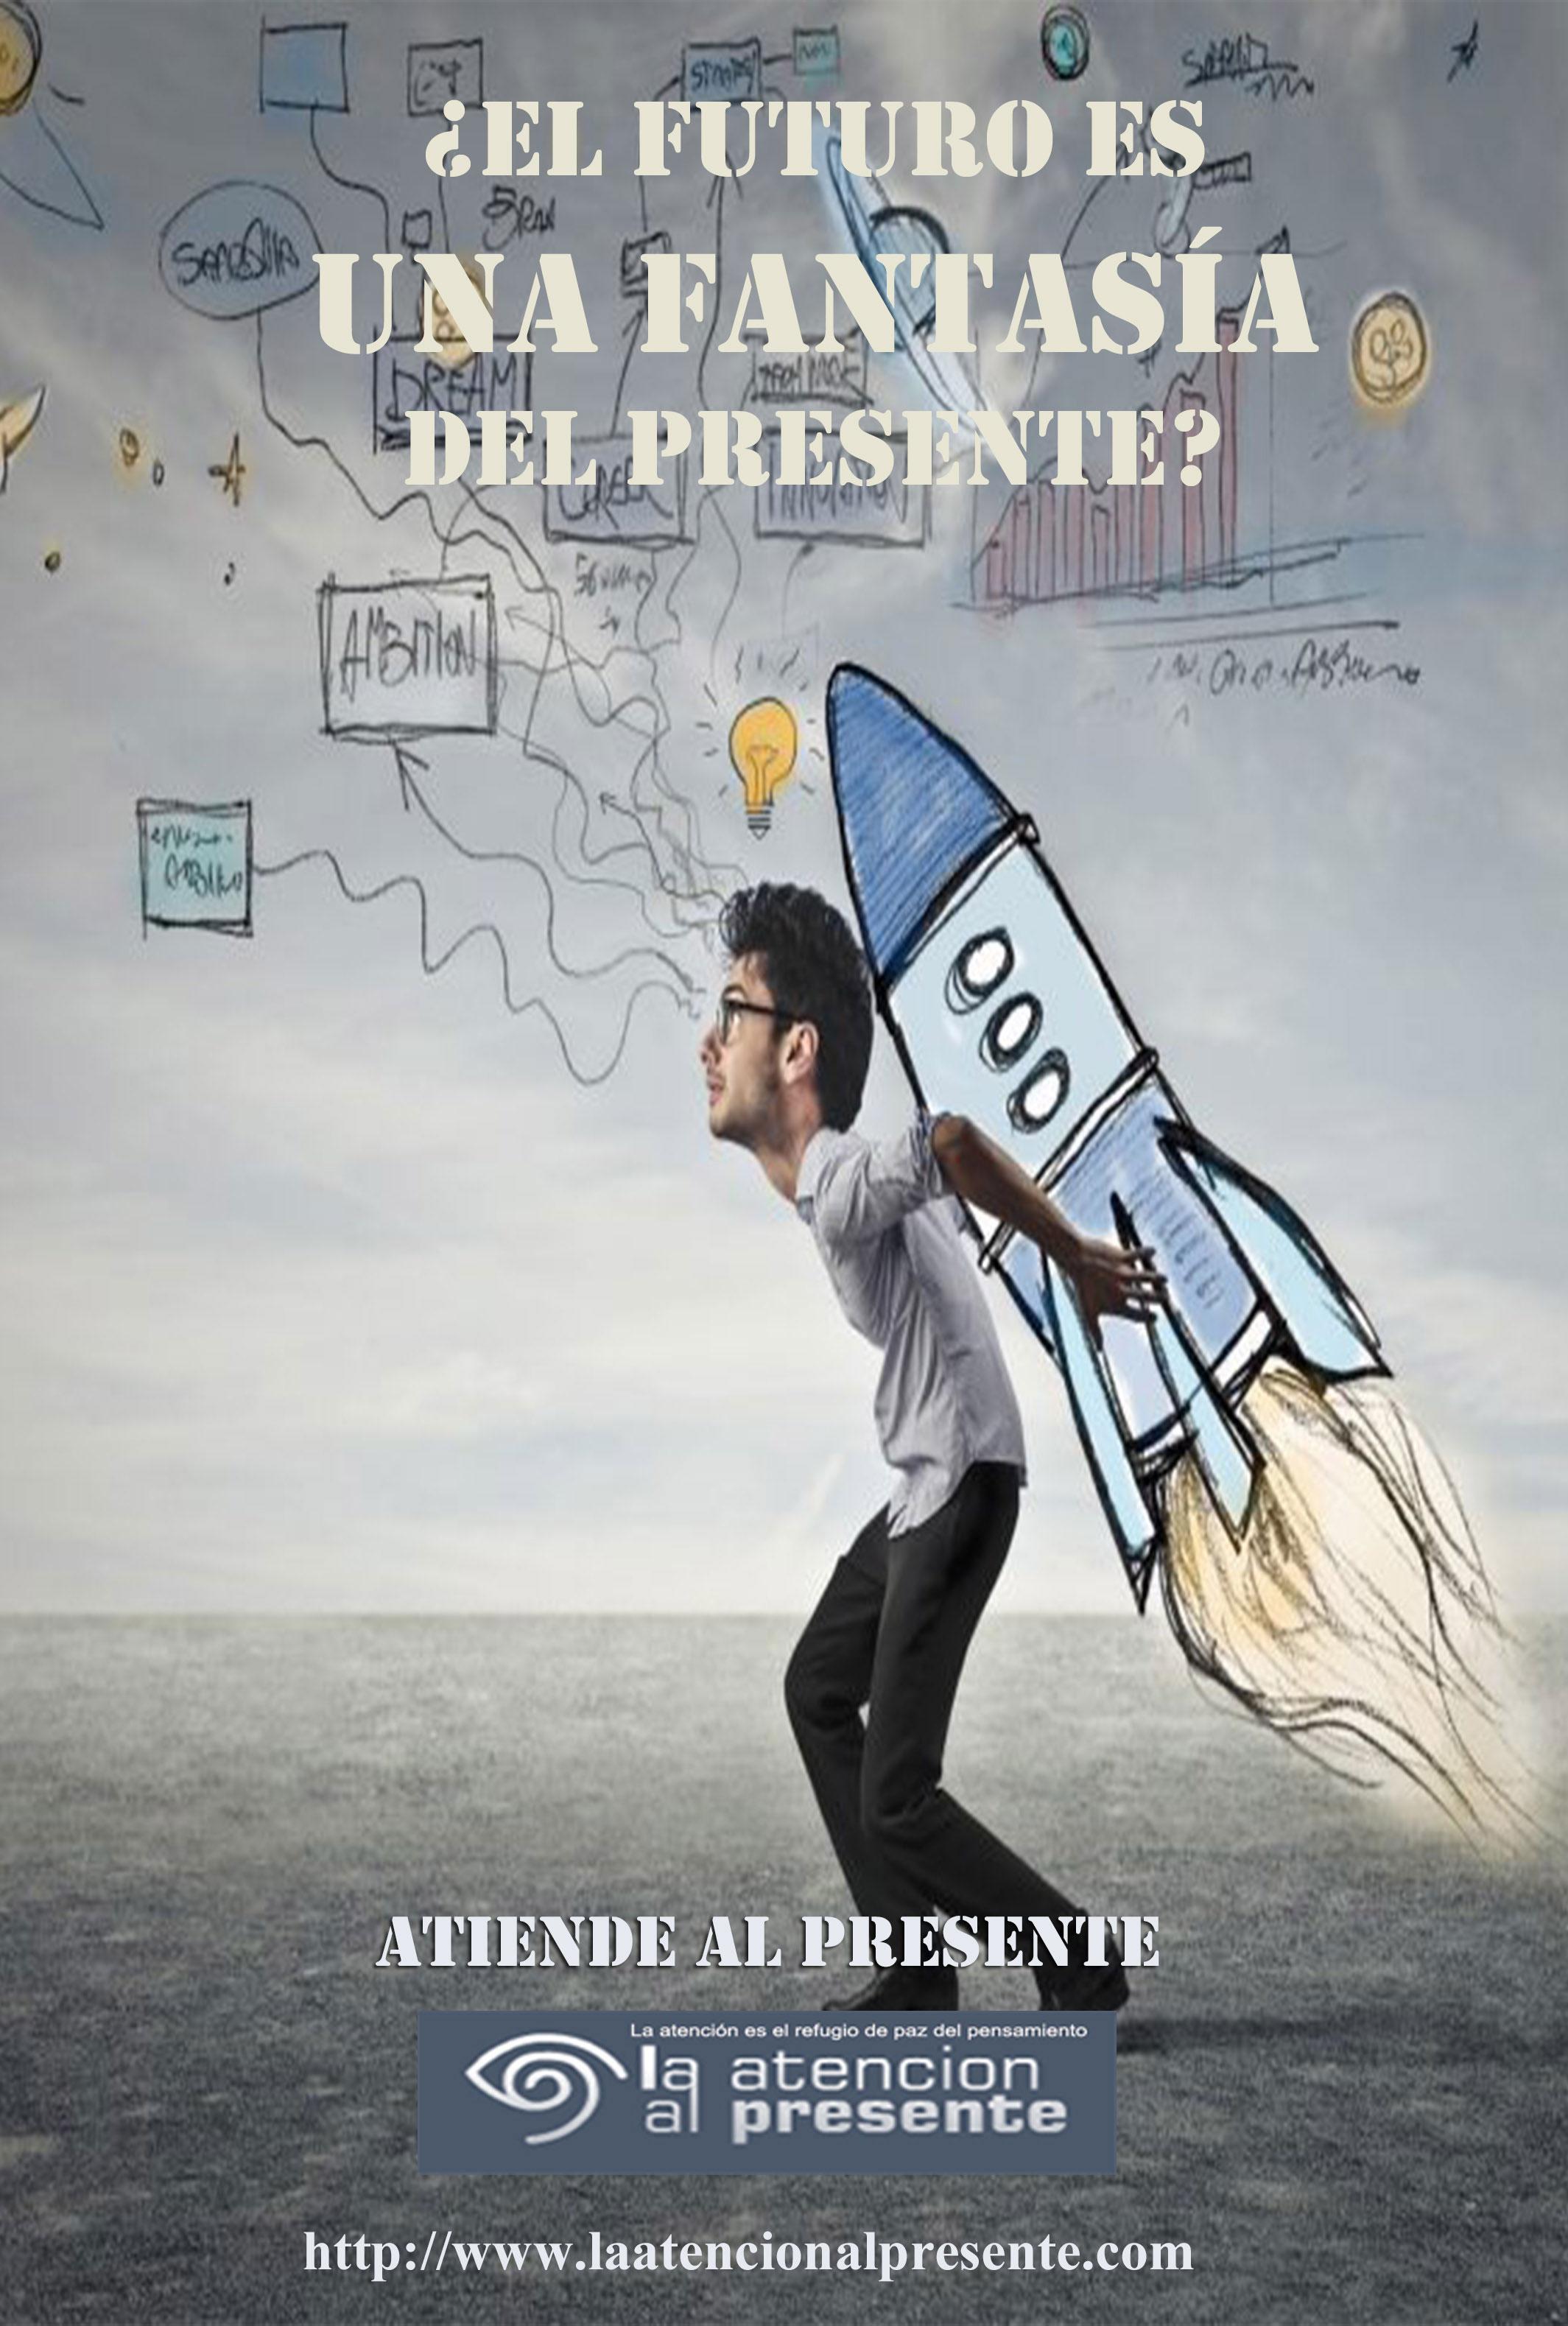 19 de mayo Esteban El futuro es una fantasía del presente. MENOS PESO